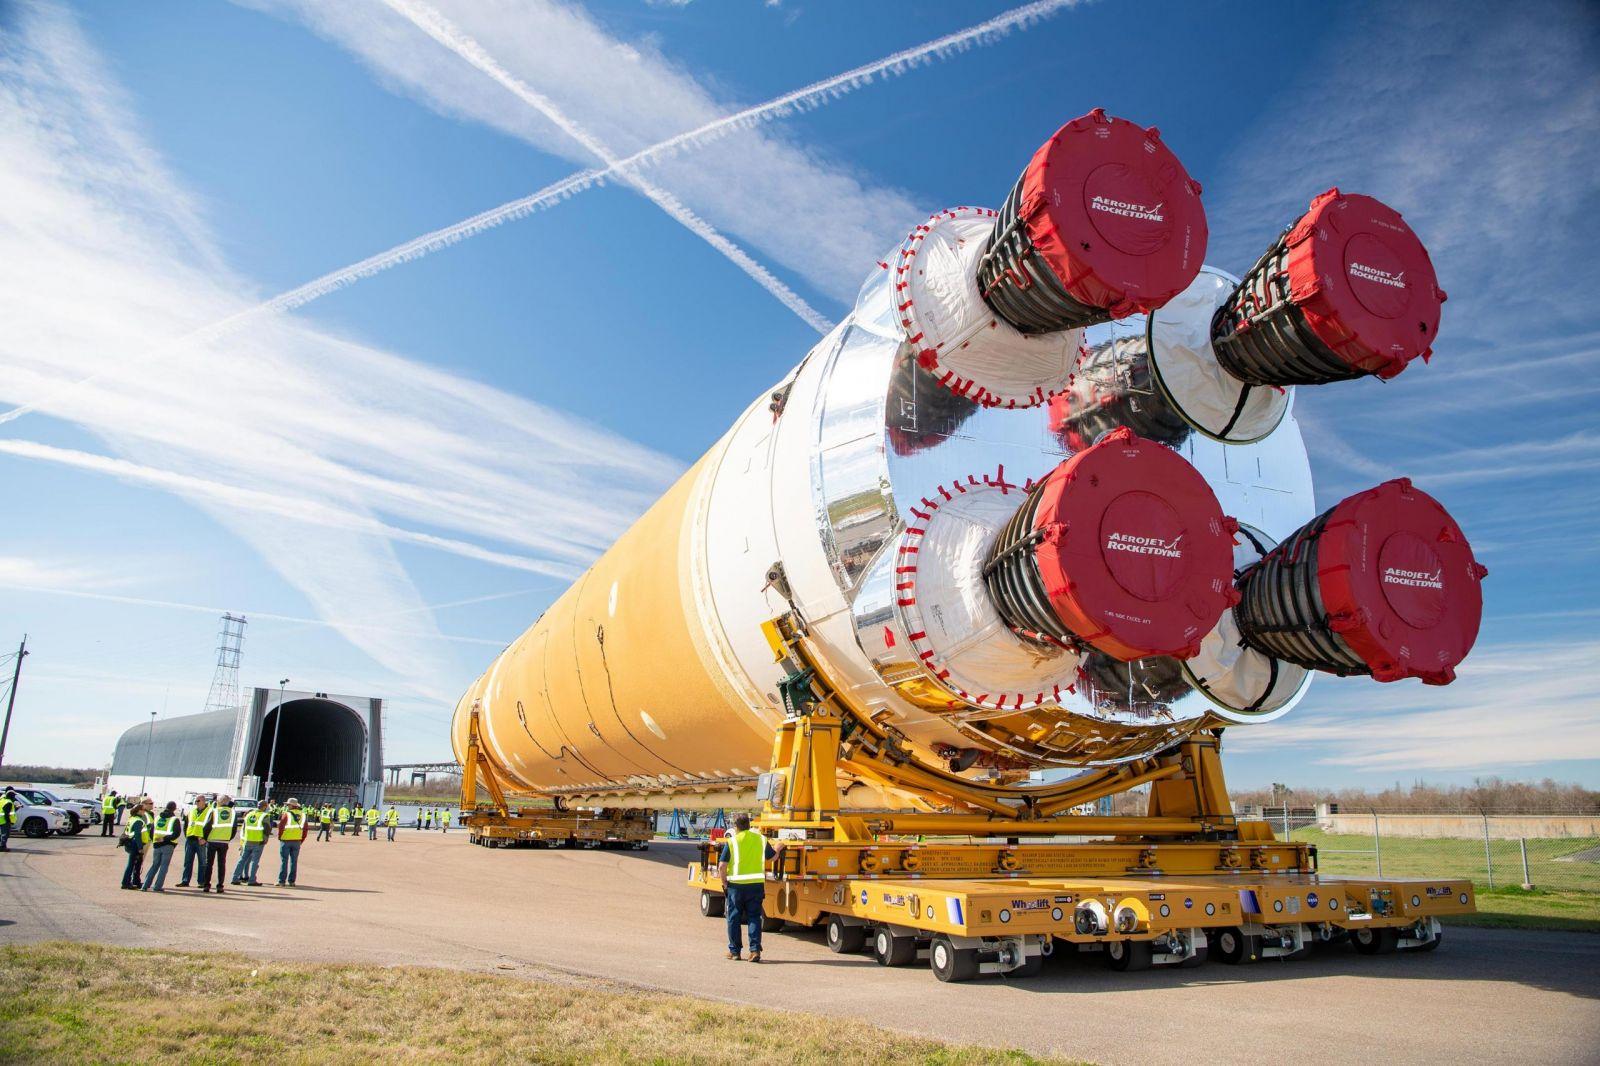 НАСА с частично неуспешен огневи тест на ракета SLS за лунната мисия Artemis I (ЕКСКЛУЗИВНА ГАЛЕРИЯ)